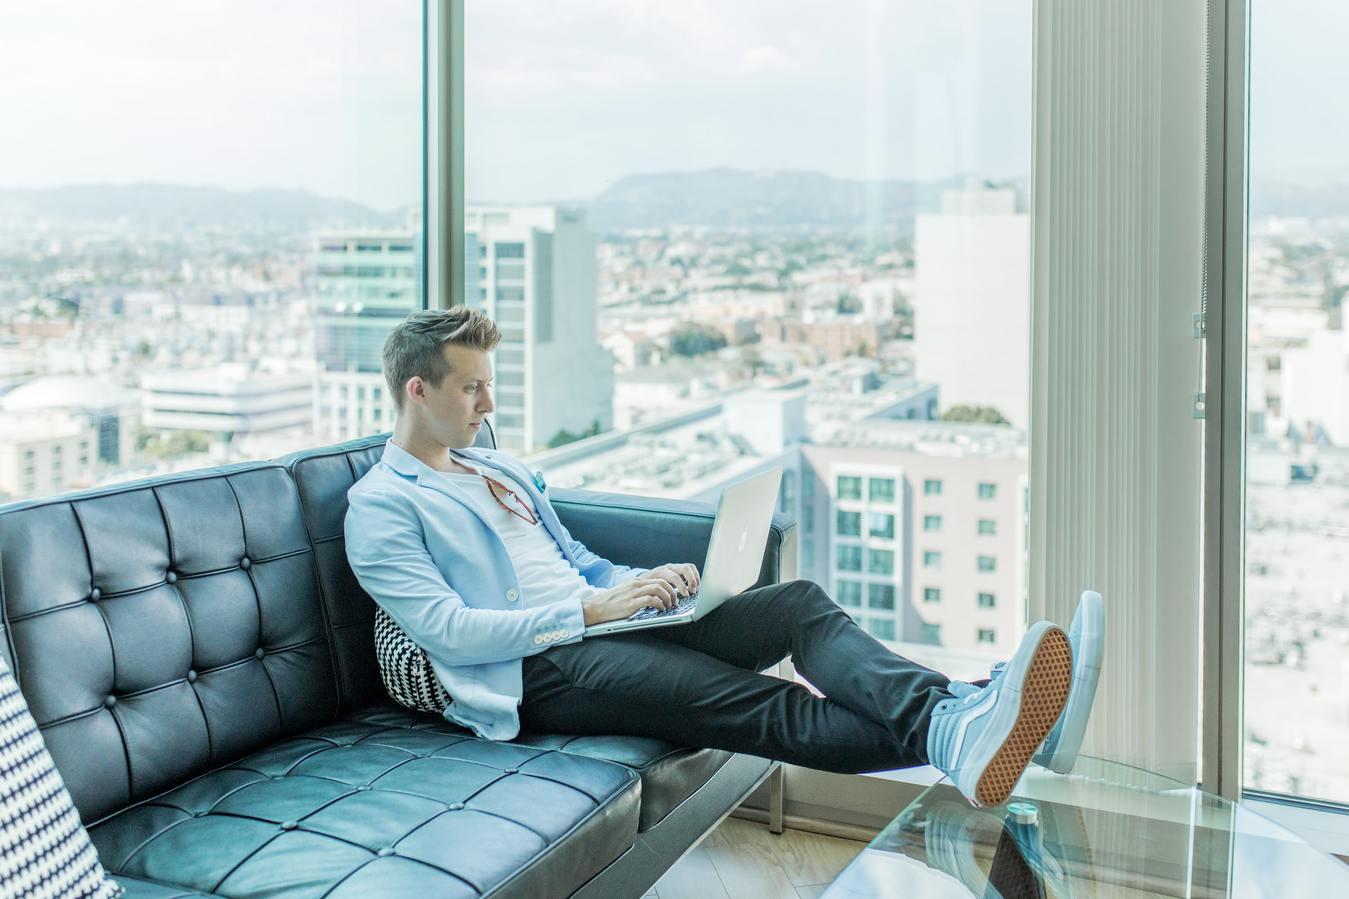 pria menggunakan laptop di atas sofa dengan pemandangan kota